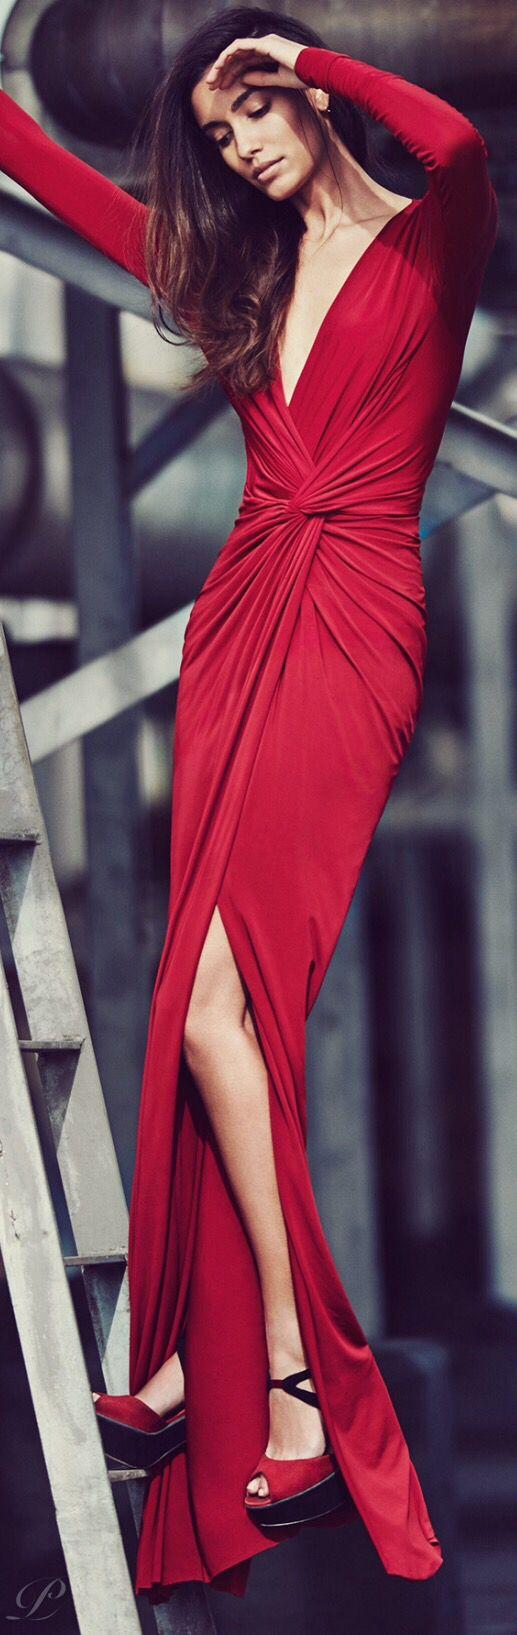 Donna Karan                                                       …